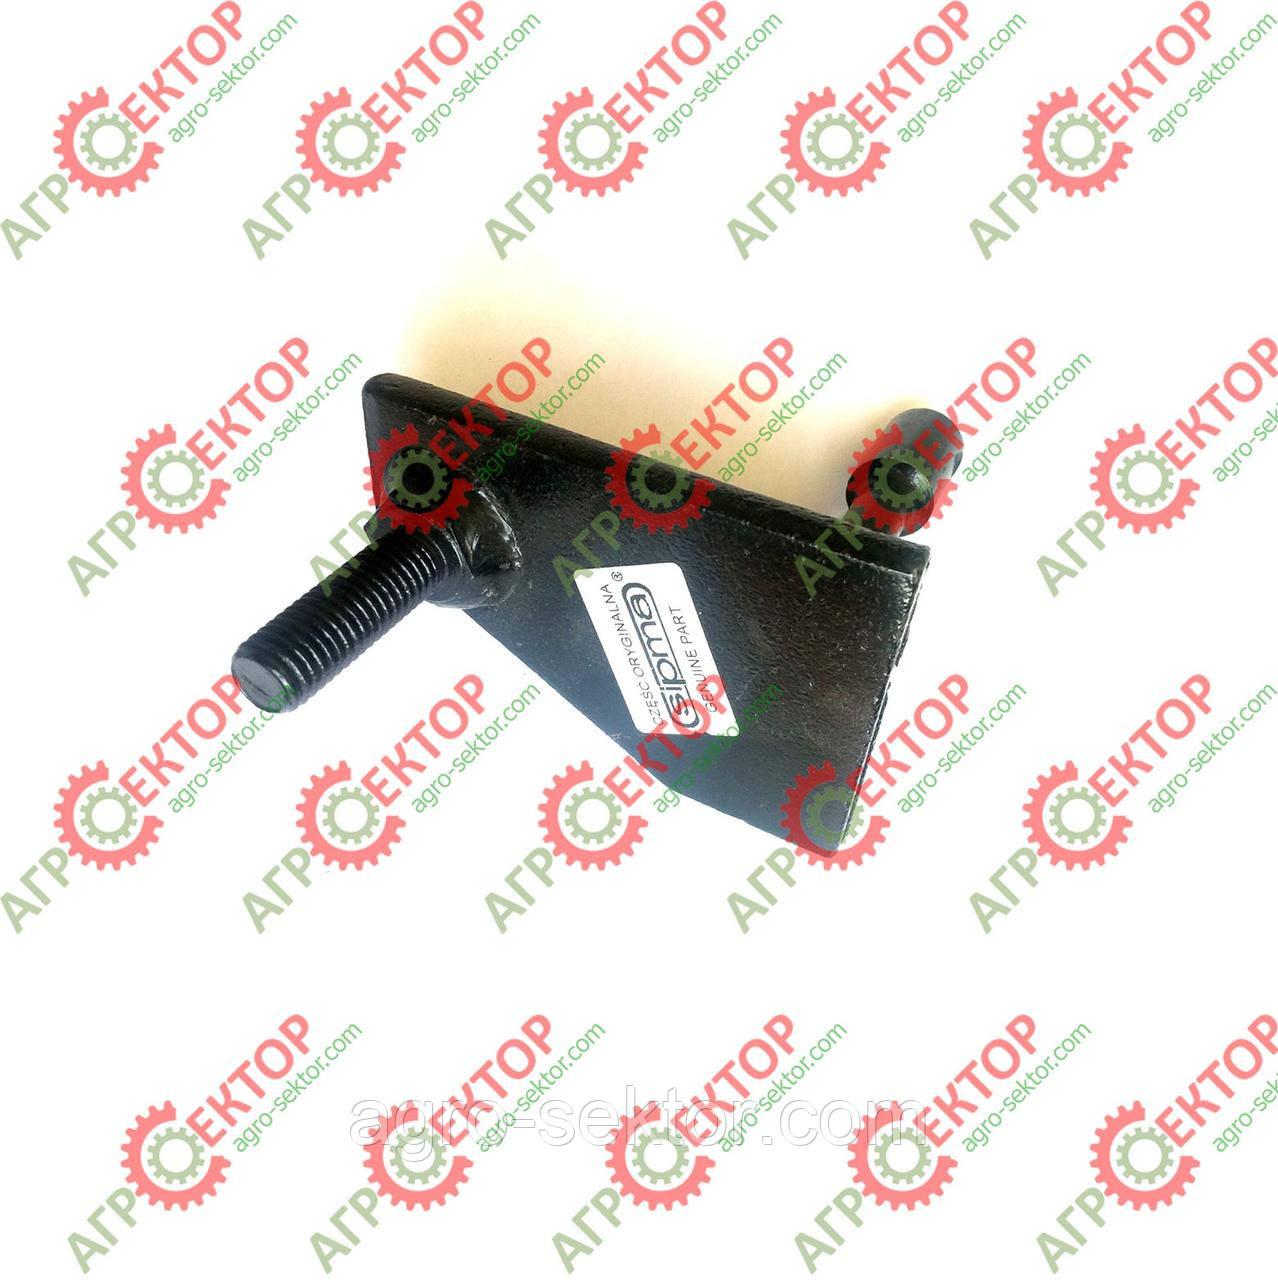 Натягувач ланцюга підбирача на прес-підбирач Sipma Z-224 2024-040-540.01